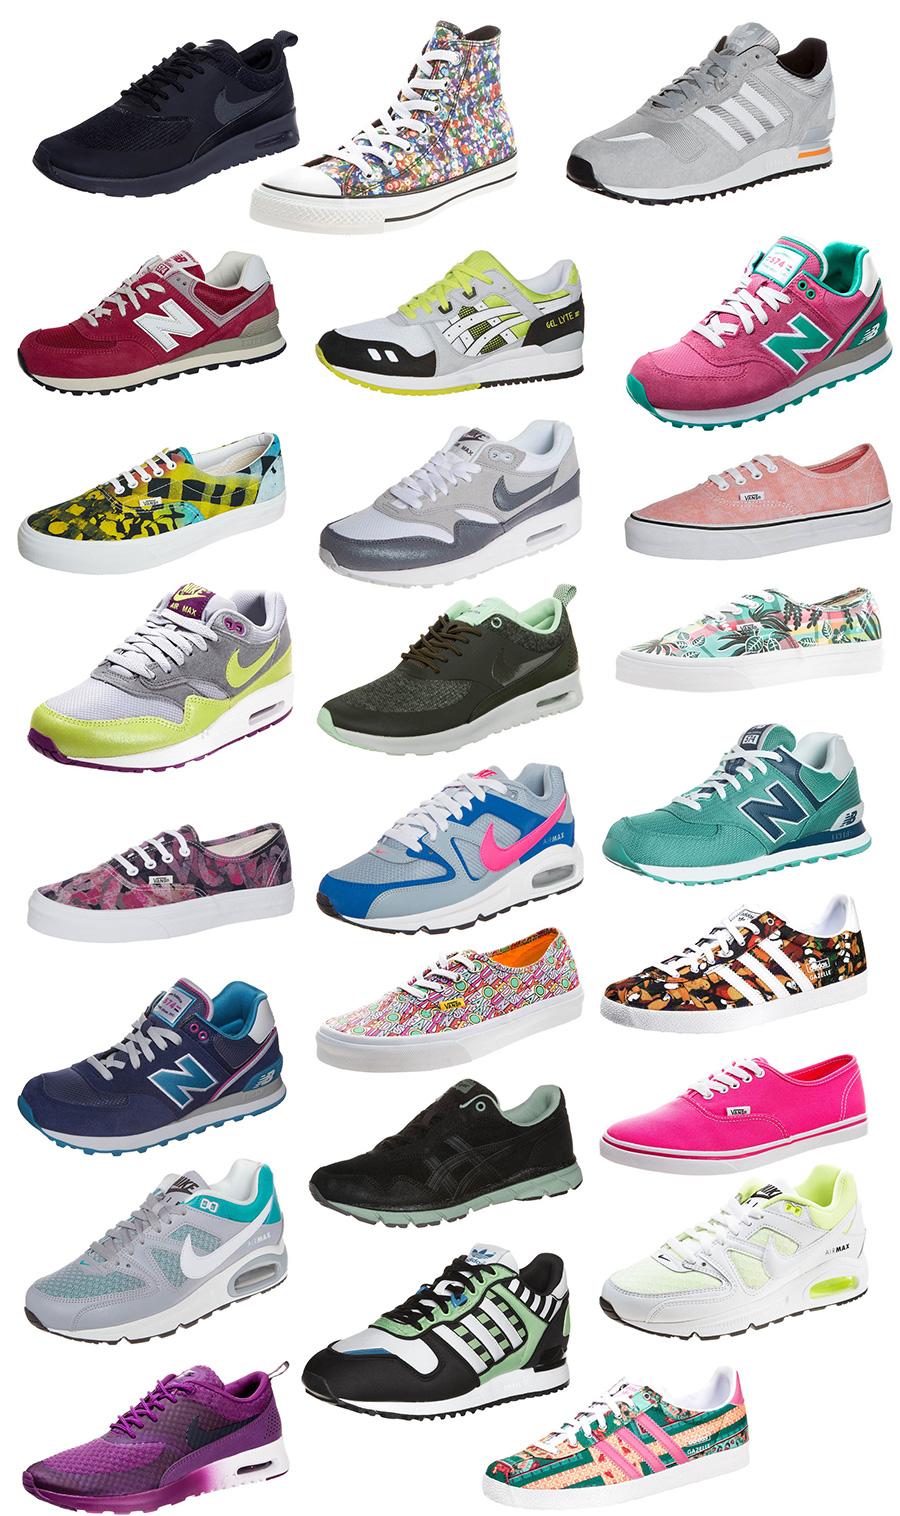 Dame Sneakers på Udsalg hos Zalando Cool Sneakers